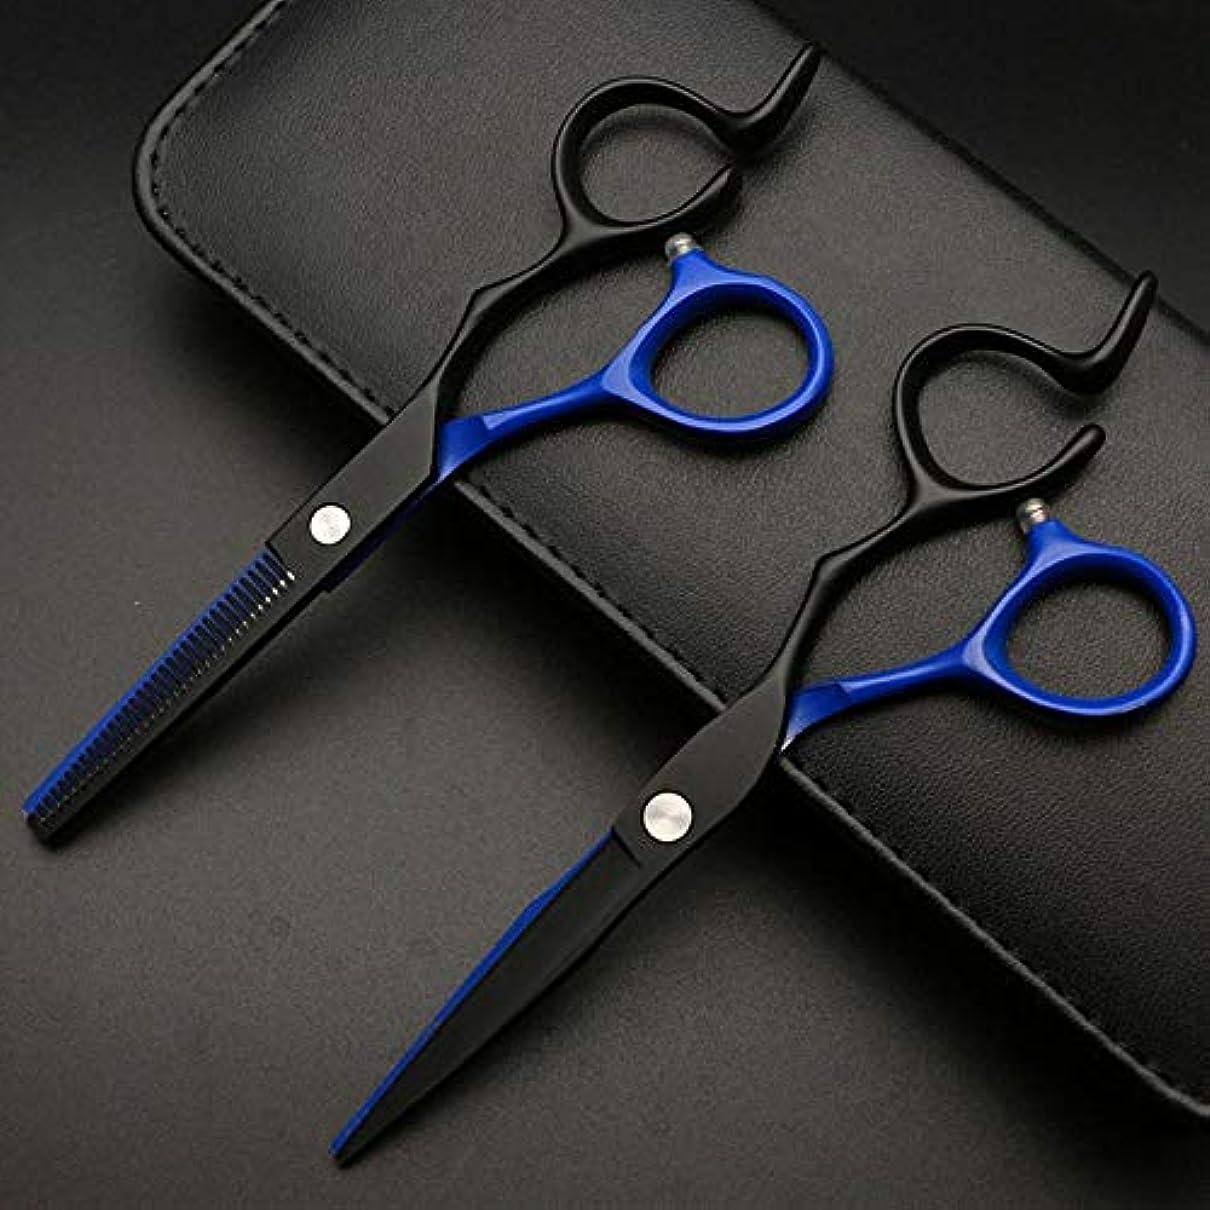 コメンテーター潮破滅WASAIO 理髪はさみは、サプリメント薄毛カービングシアーズキットプロフェッショナル理容サロンレイザーエッジツールを組み合わせ5.5インチに設定しトリミング (色 : Black blue)